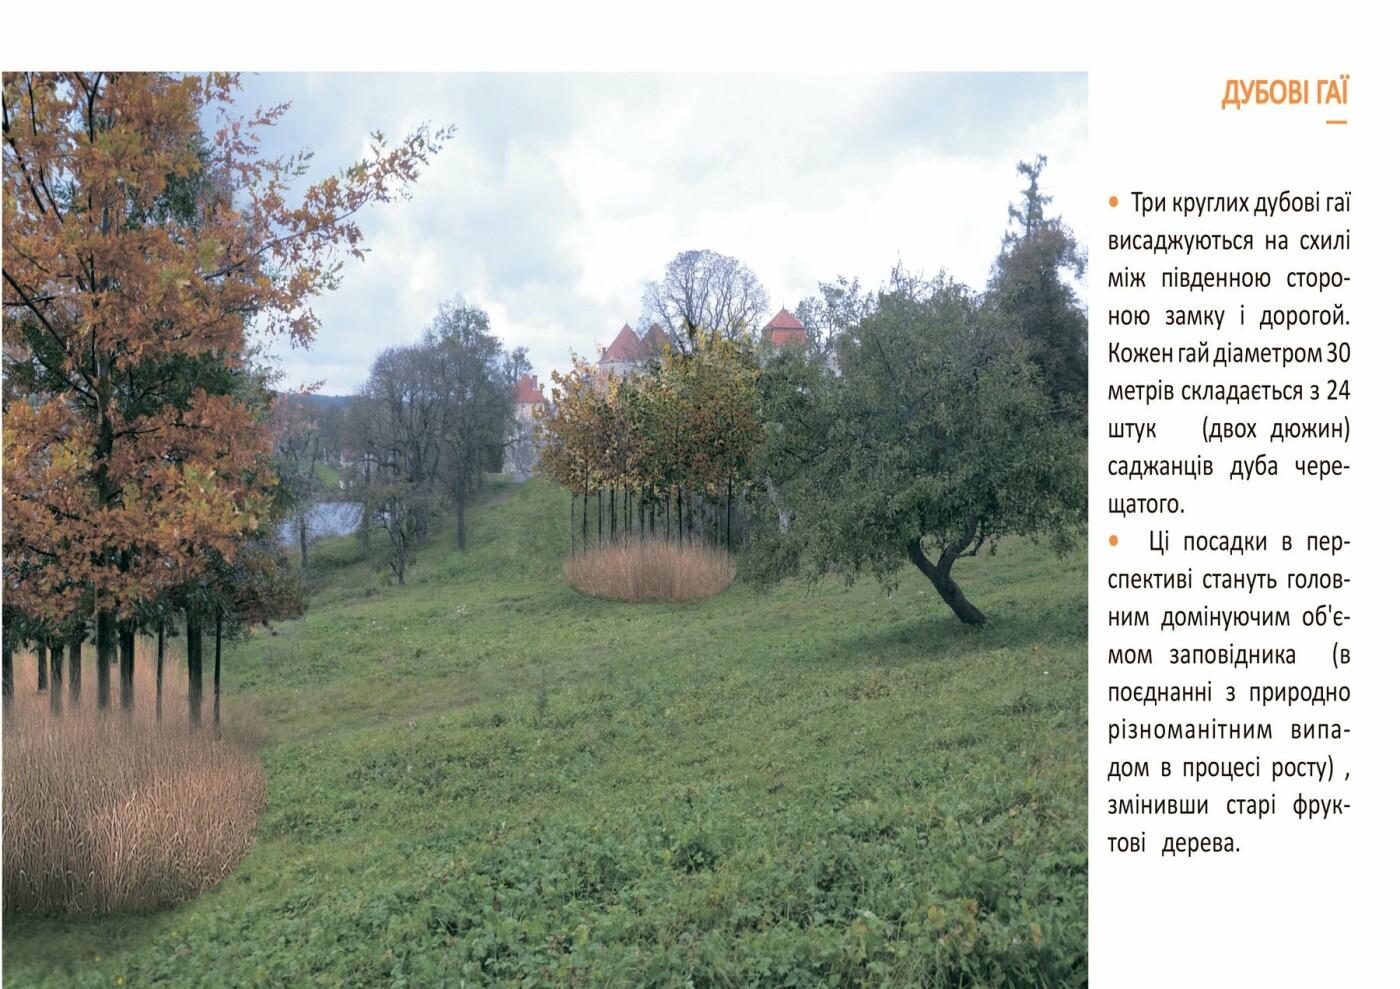 Свірзький замок: як планують ревіталізувати 500-річну пам'ятку, фото-5